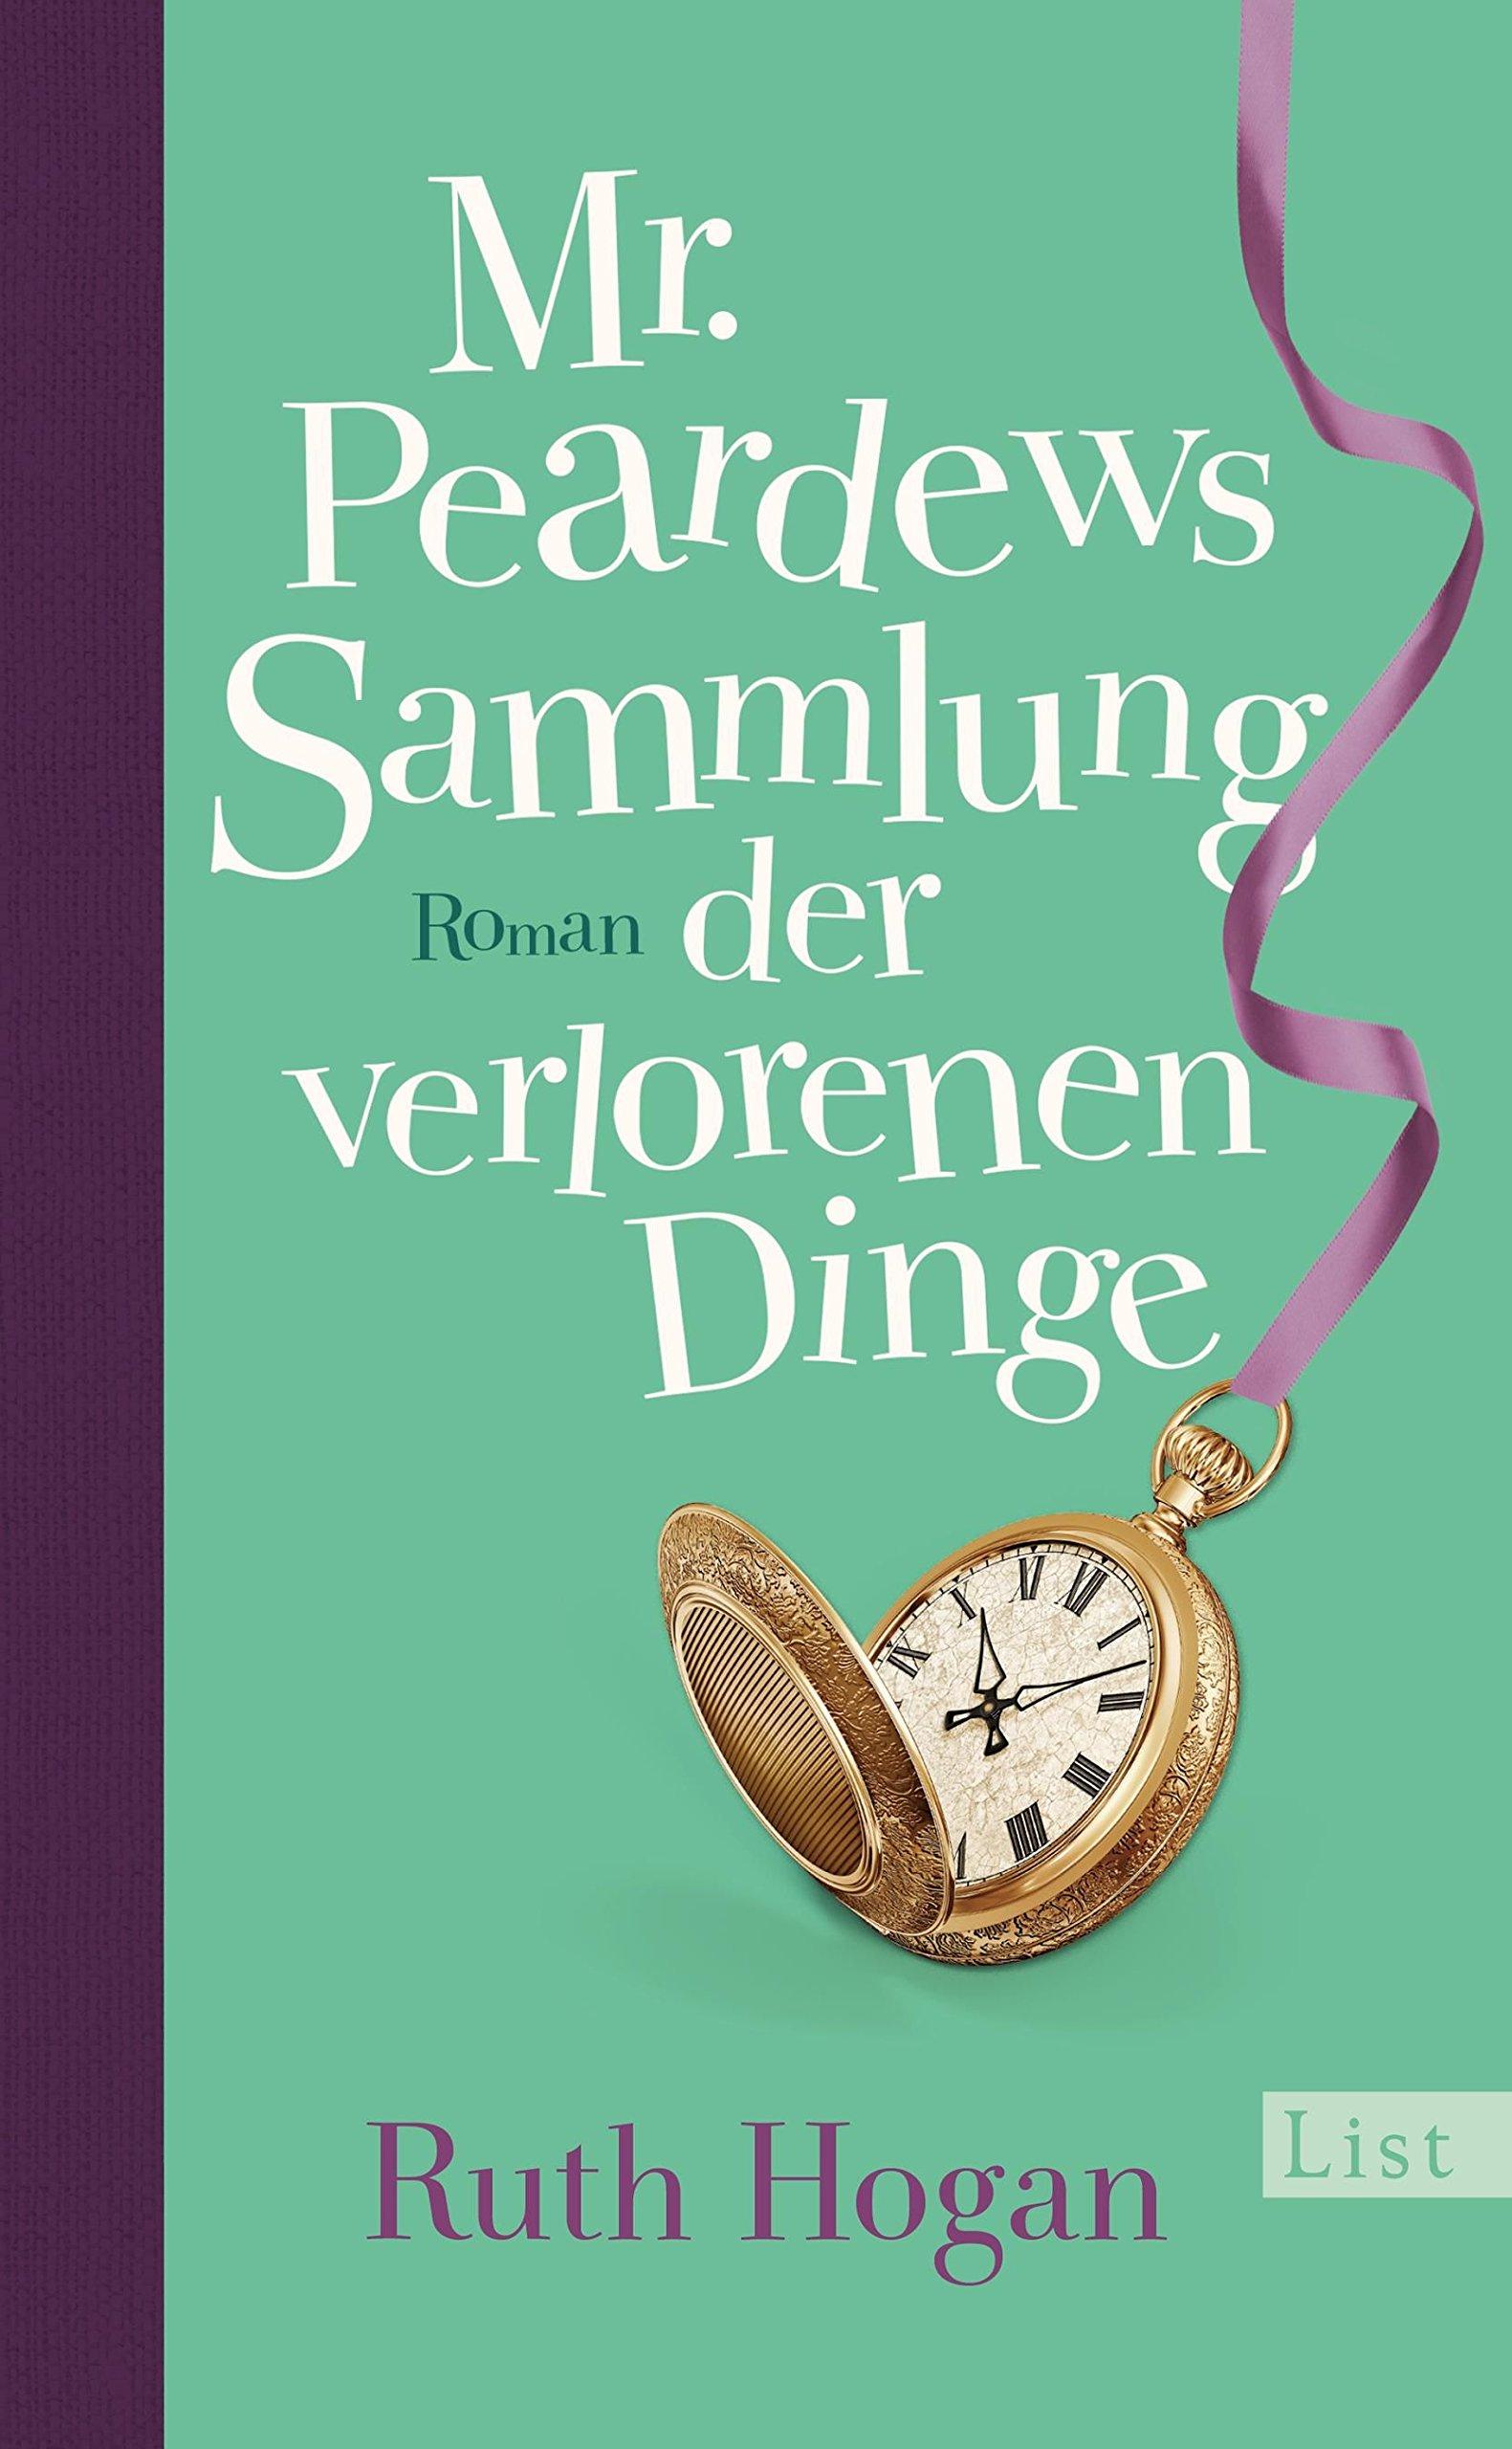 Ruth Hogan – Mr. Peardrews Sammlung der verlorenen Dinge